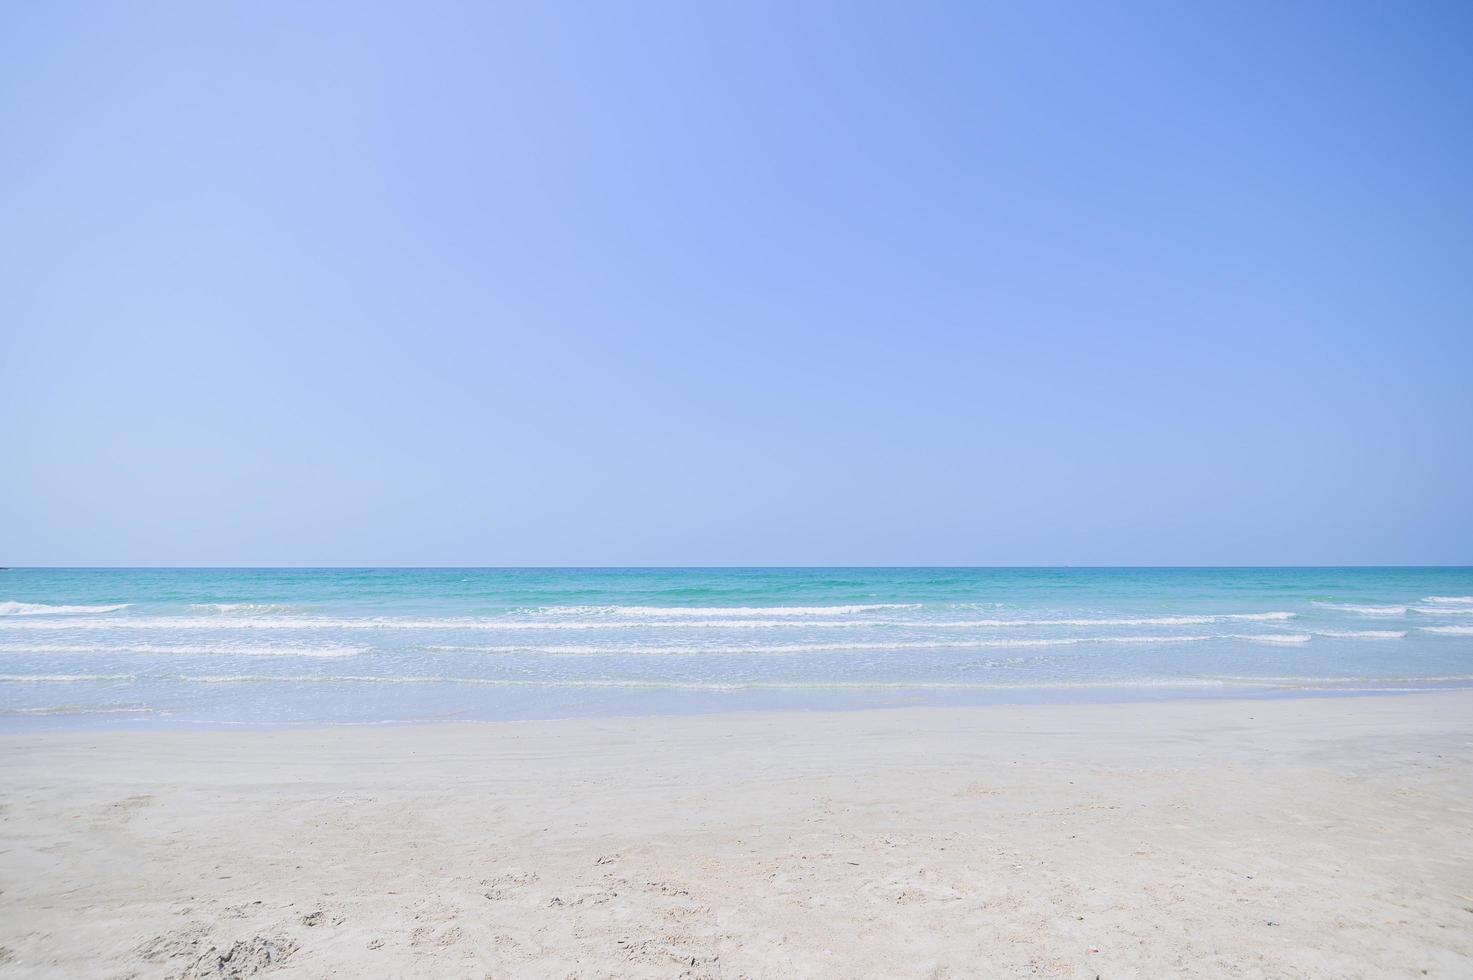 Blick auf den Strand von einer australischen Küste foto